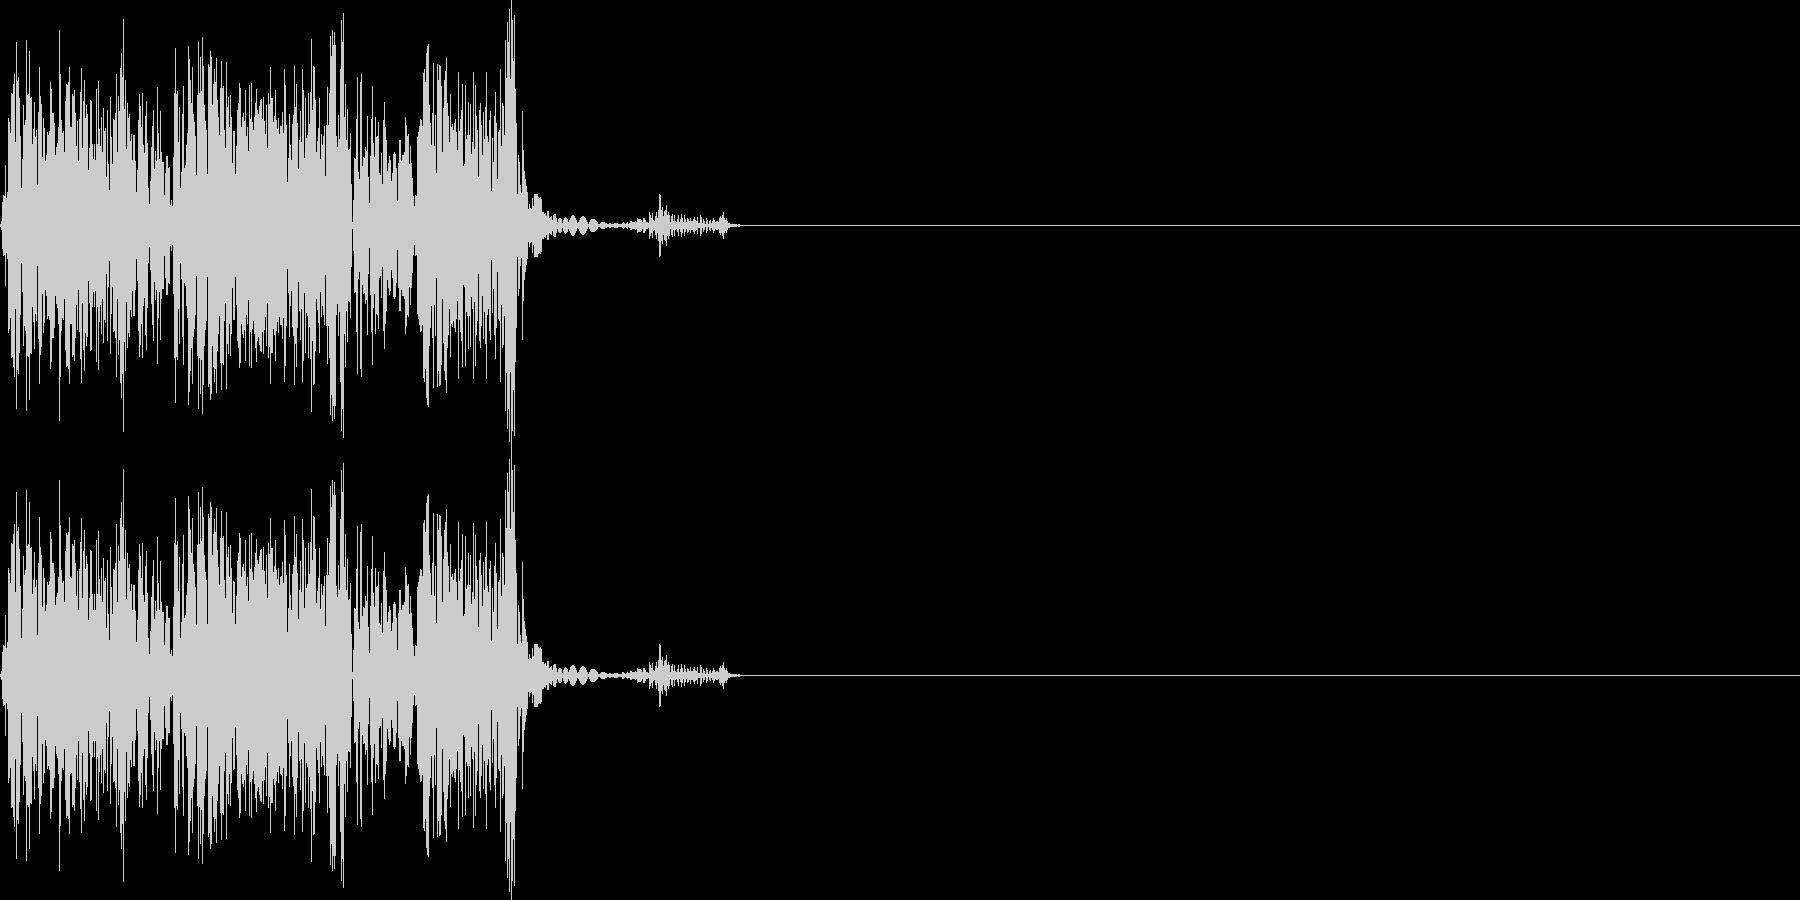 シュピッ(ダメージ_攻撃_逃げる_高音)の未再生の波形